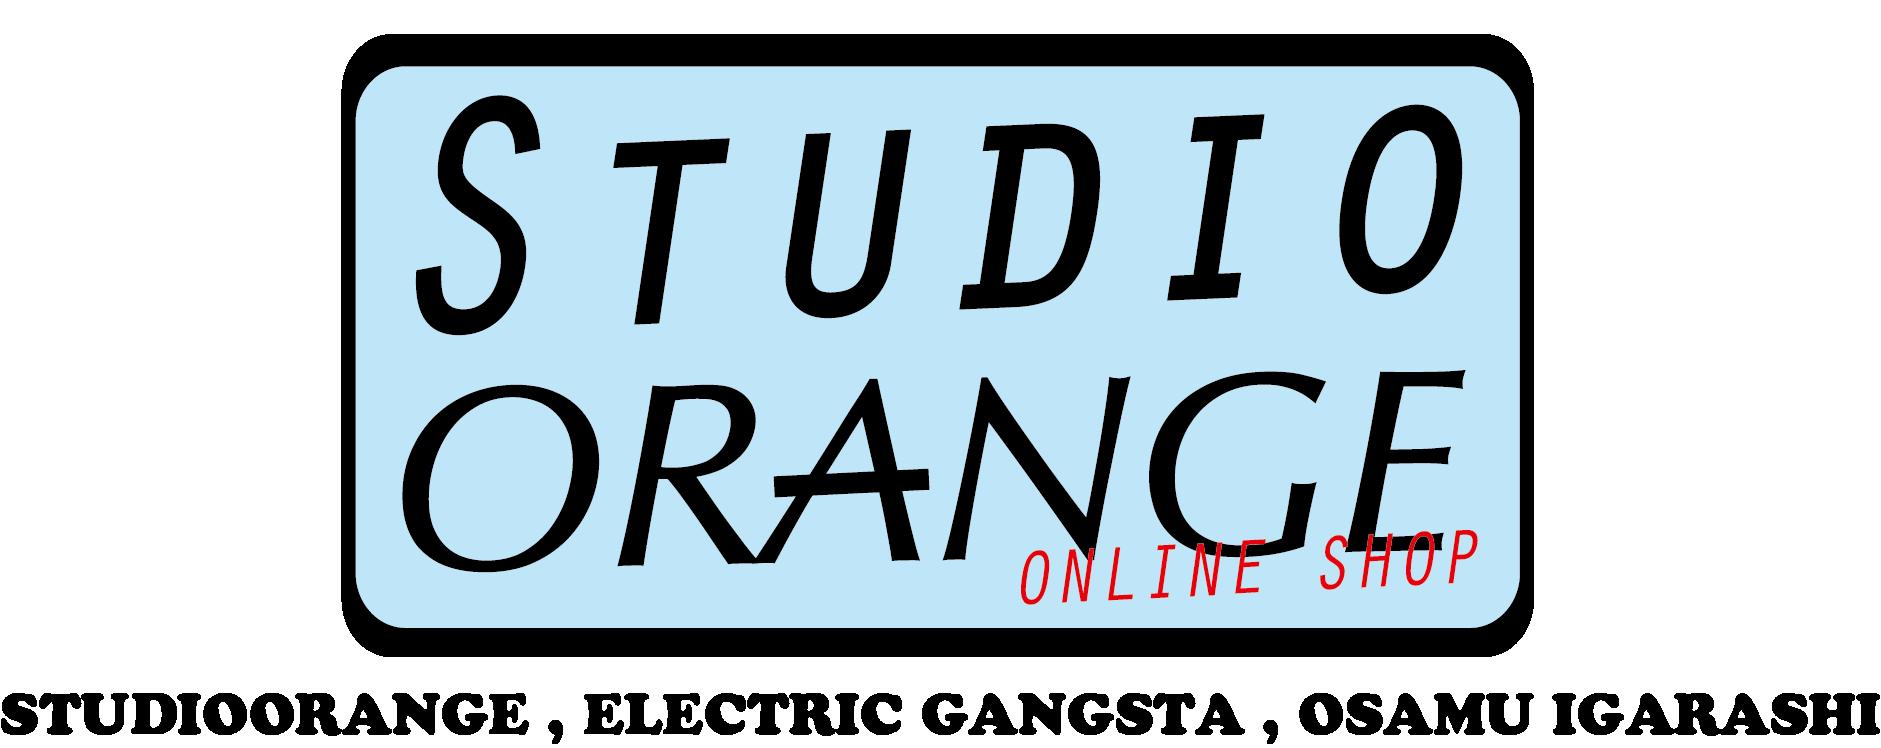 STUDIOORANGE ONLINE SHOP